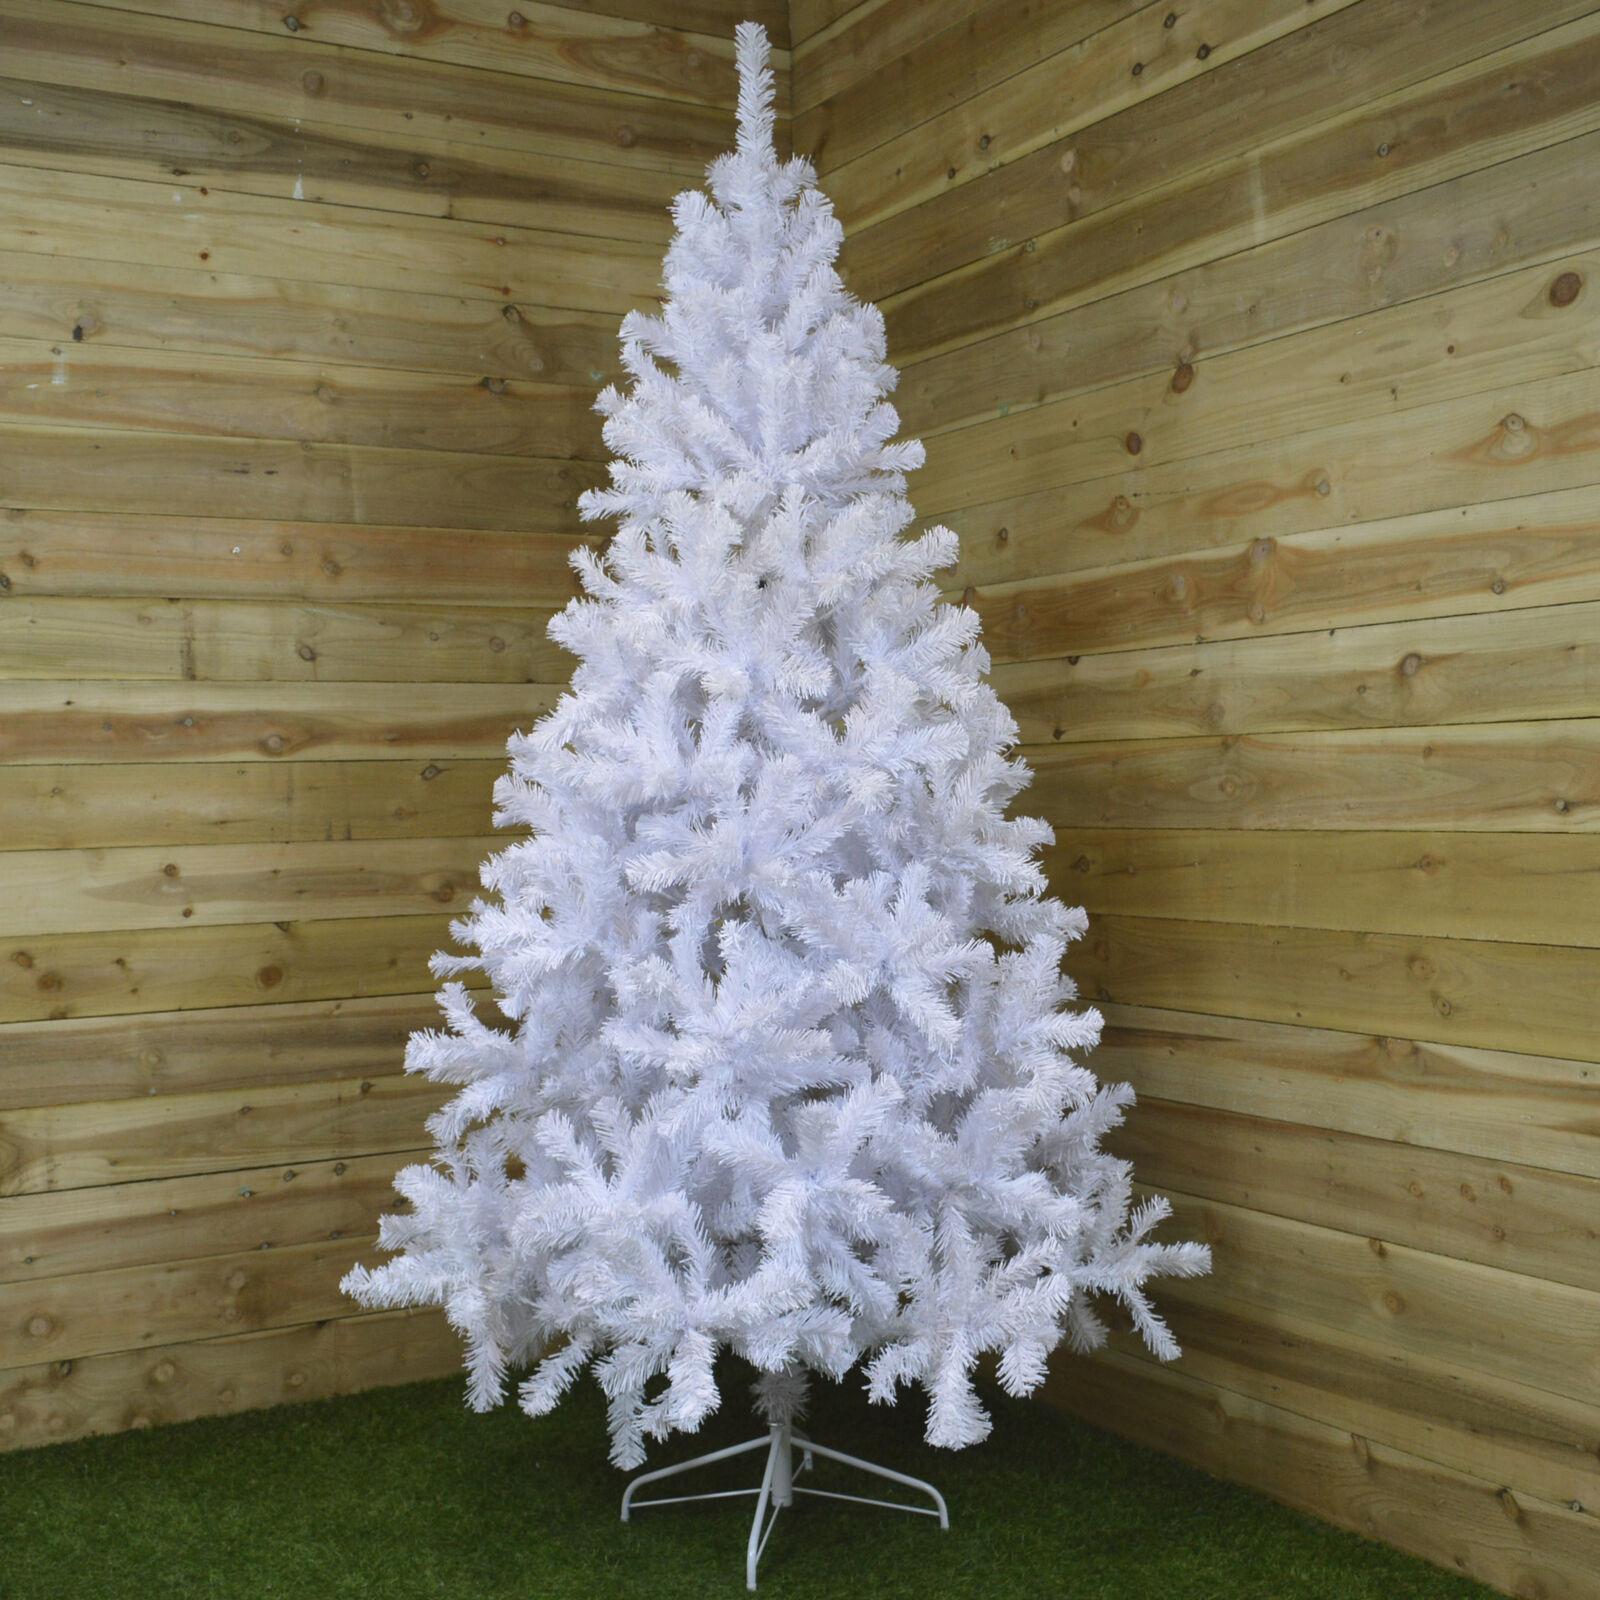 240cm (8ft) Imperial Pine White Festive Christmas Tree